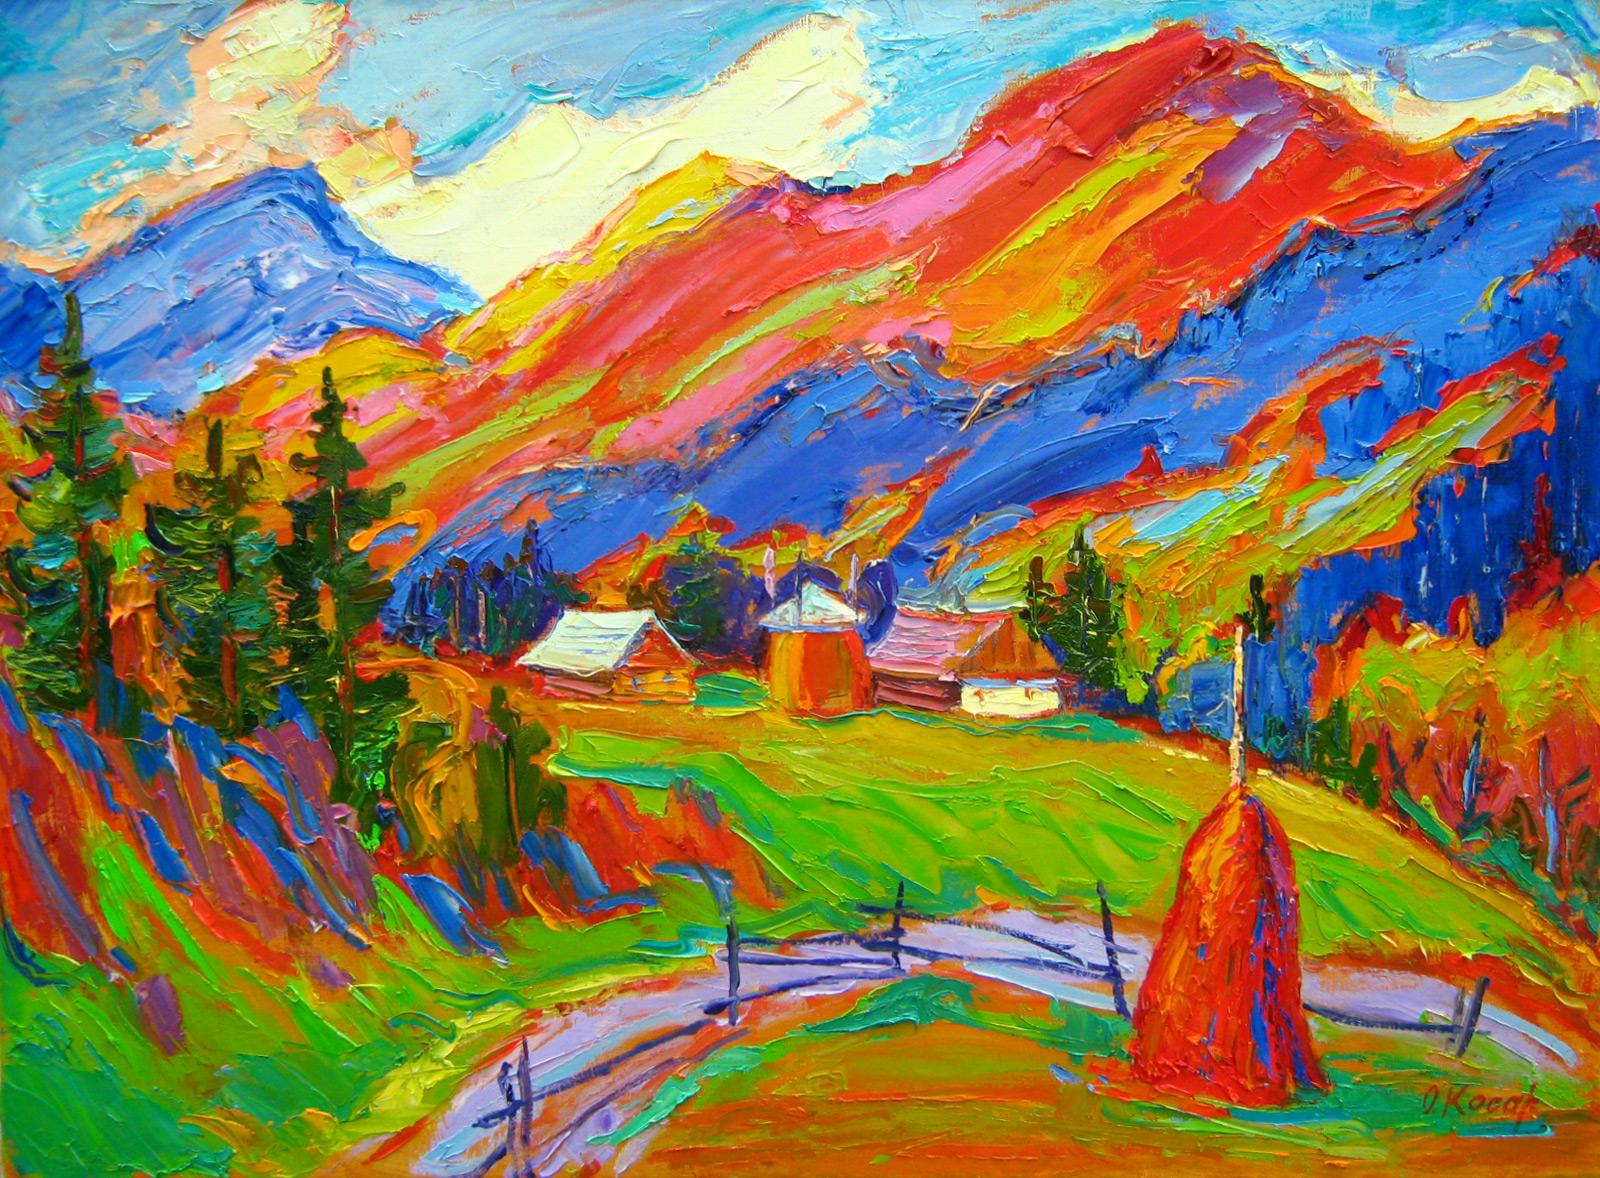 1310917185_img_1284_www.nevsepic.com.ua